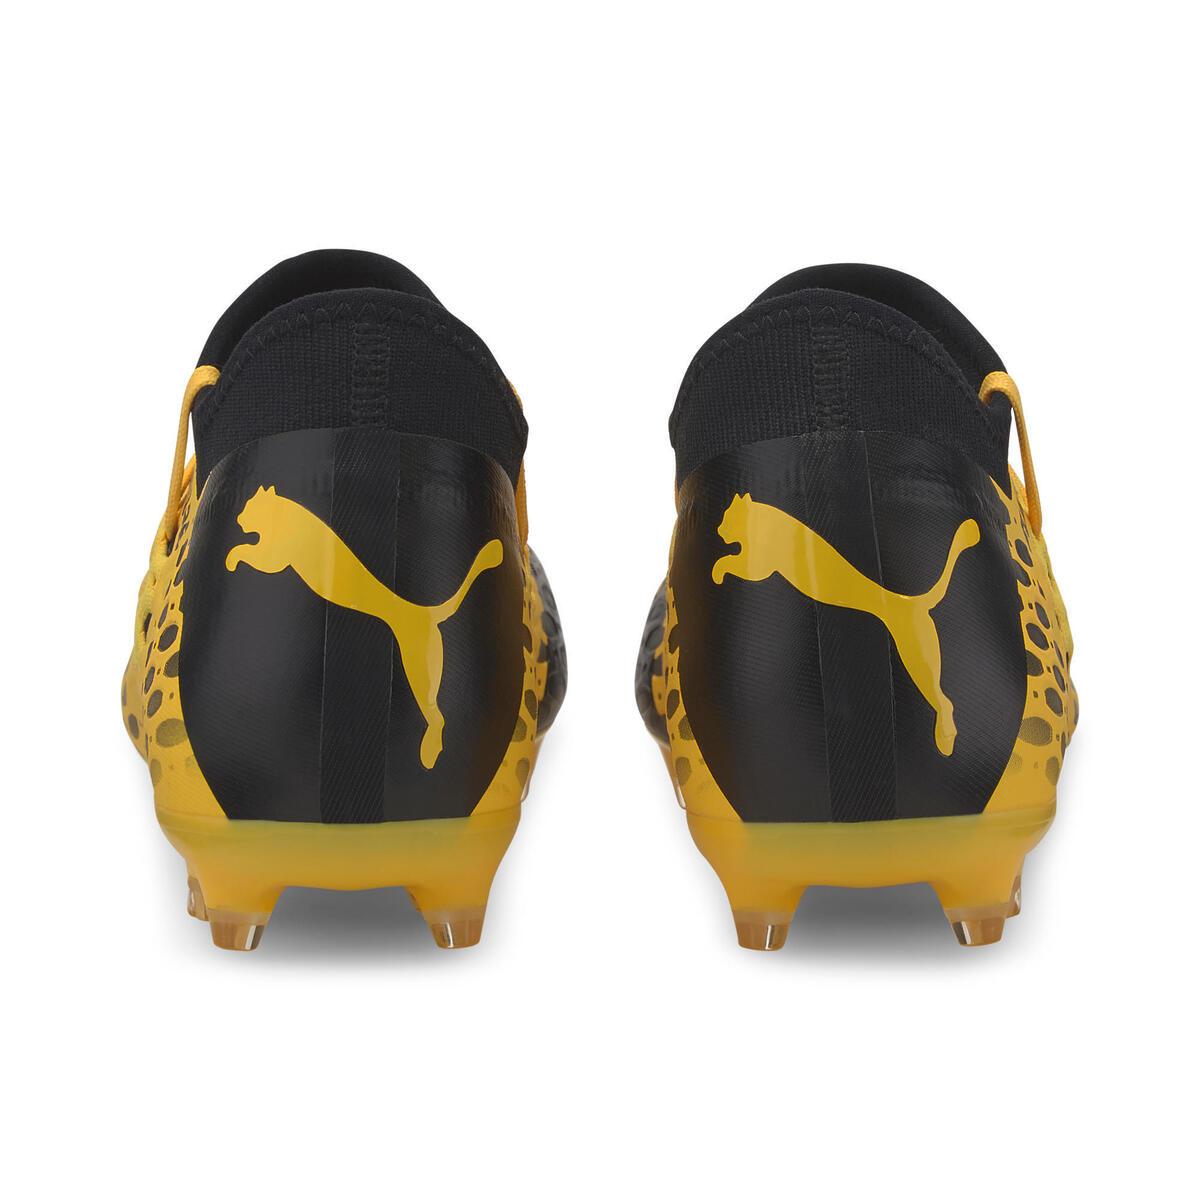 Bild 3 von Fußballschuhe Nocken Future 5.3 FG Erwachsene gelb